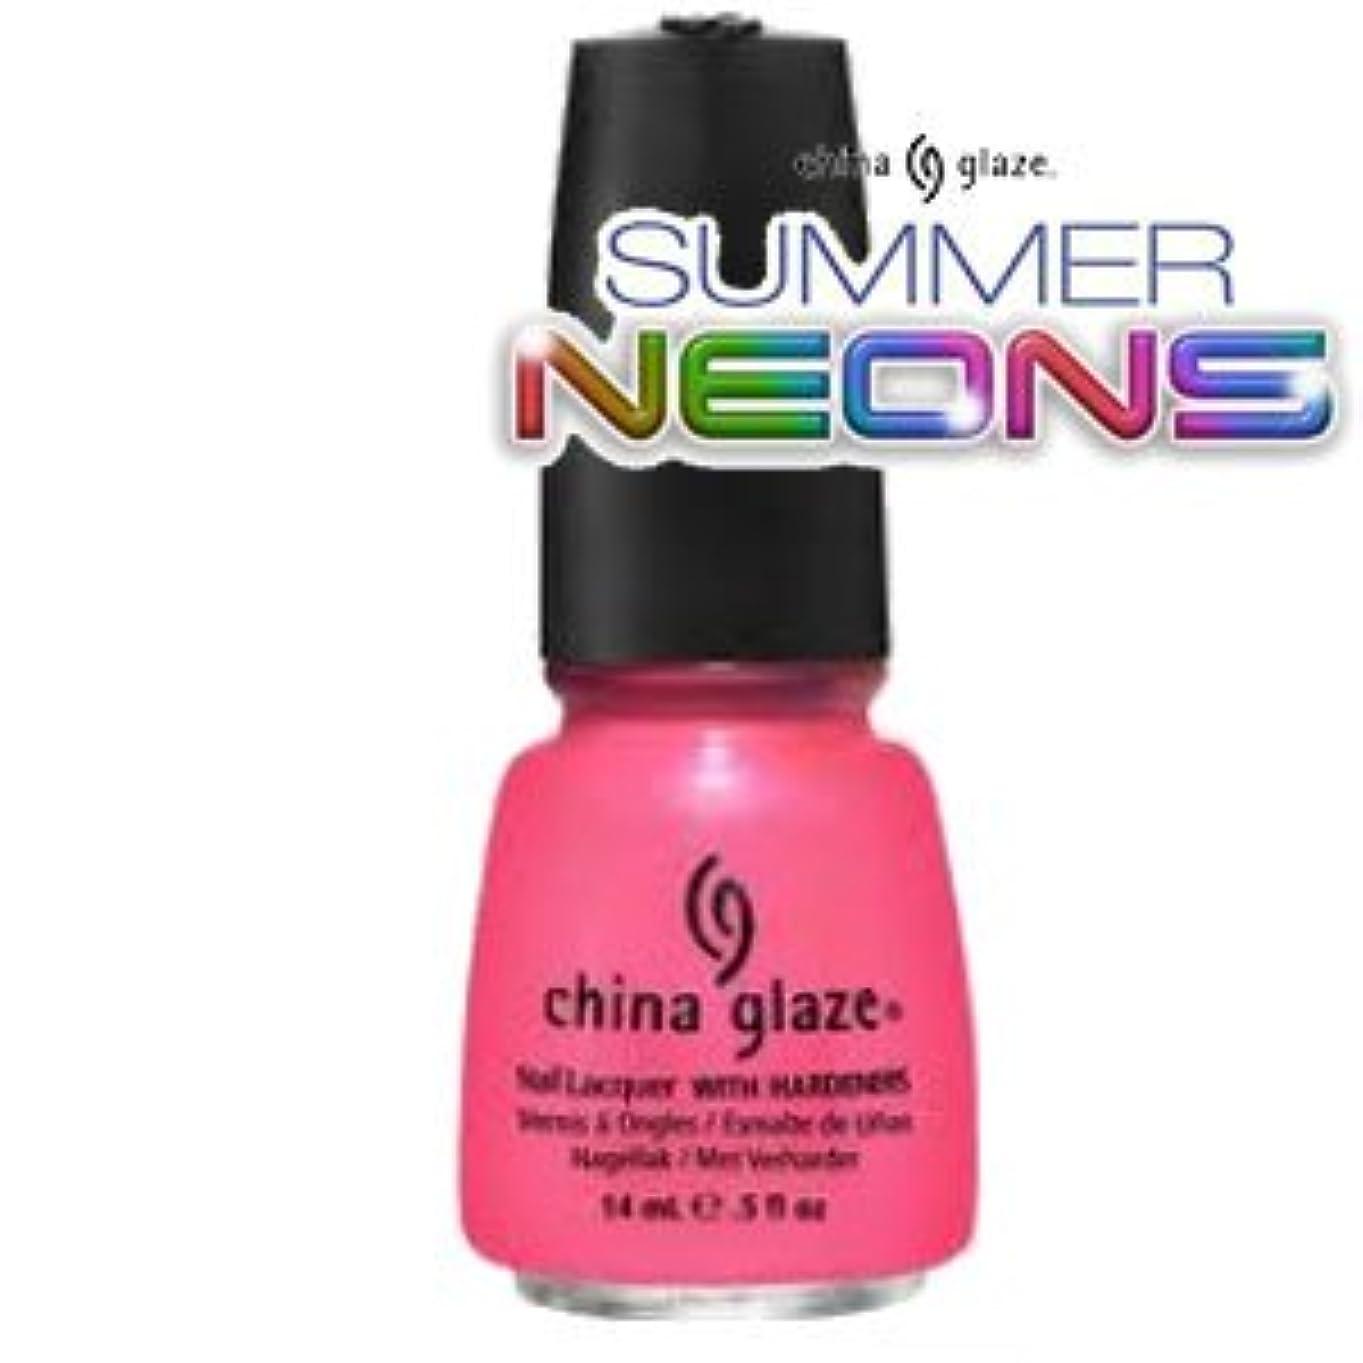 強化する懲らしめ顎(チャイナグレイズ)China Glaze Pink Plumeriaーサマーネオン コレクション [海外直送品][並行輸入品]